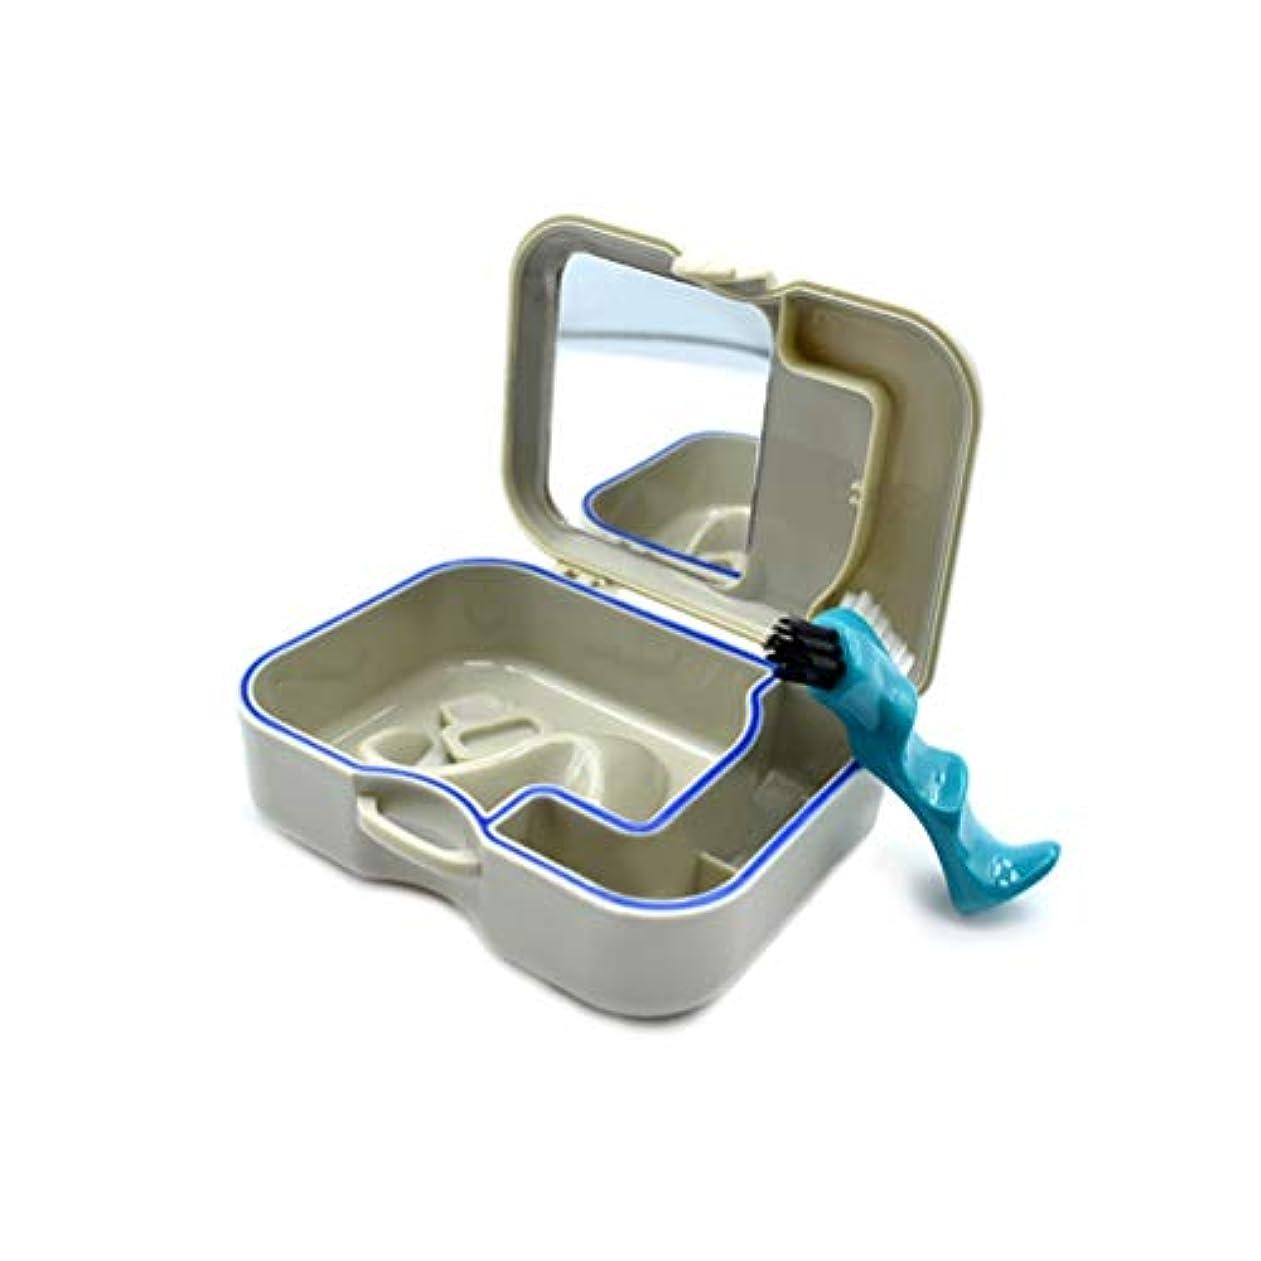 汚染エキゾチック特別なSurenhap 義歯ボックス 義歯ケース ミラー ブラシ付 入れ歯ケース 入れ歯収納 義歯ボックス 防水 使用簡単 旅行用 携帯用 偽歯保管容器 義歯収納容器 リテーナーボックス 家庭旅行用